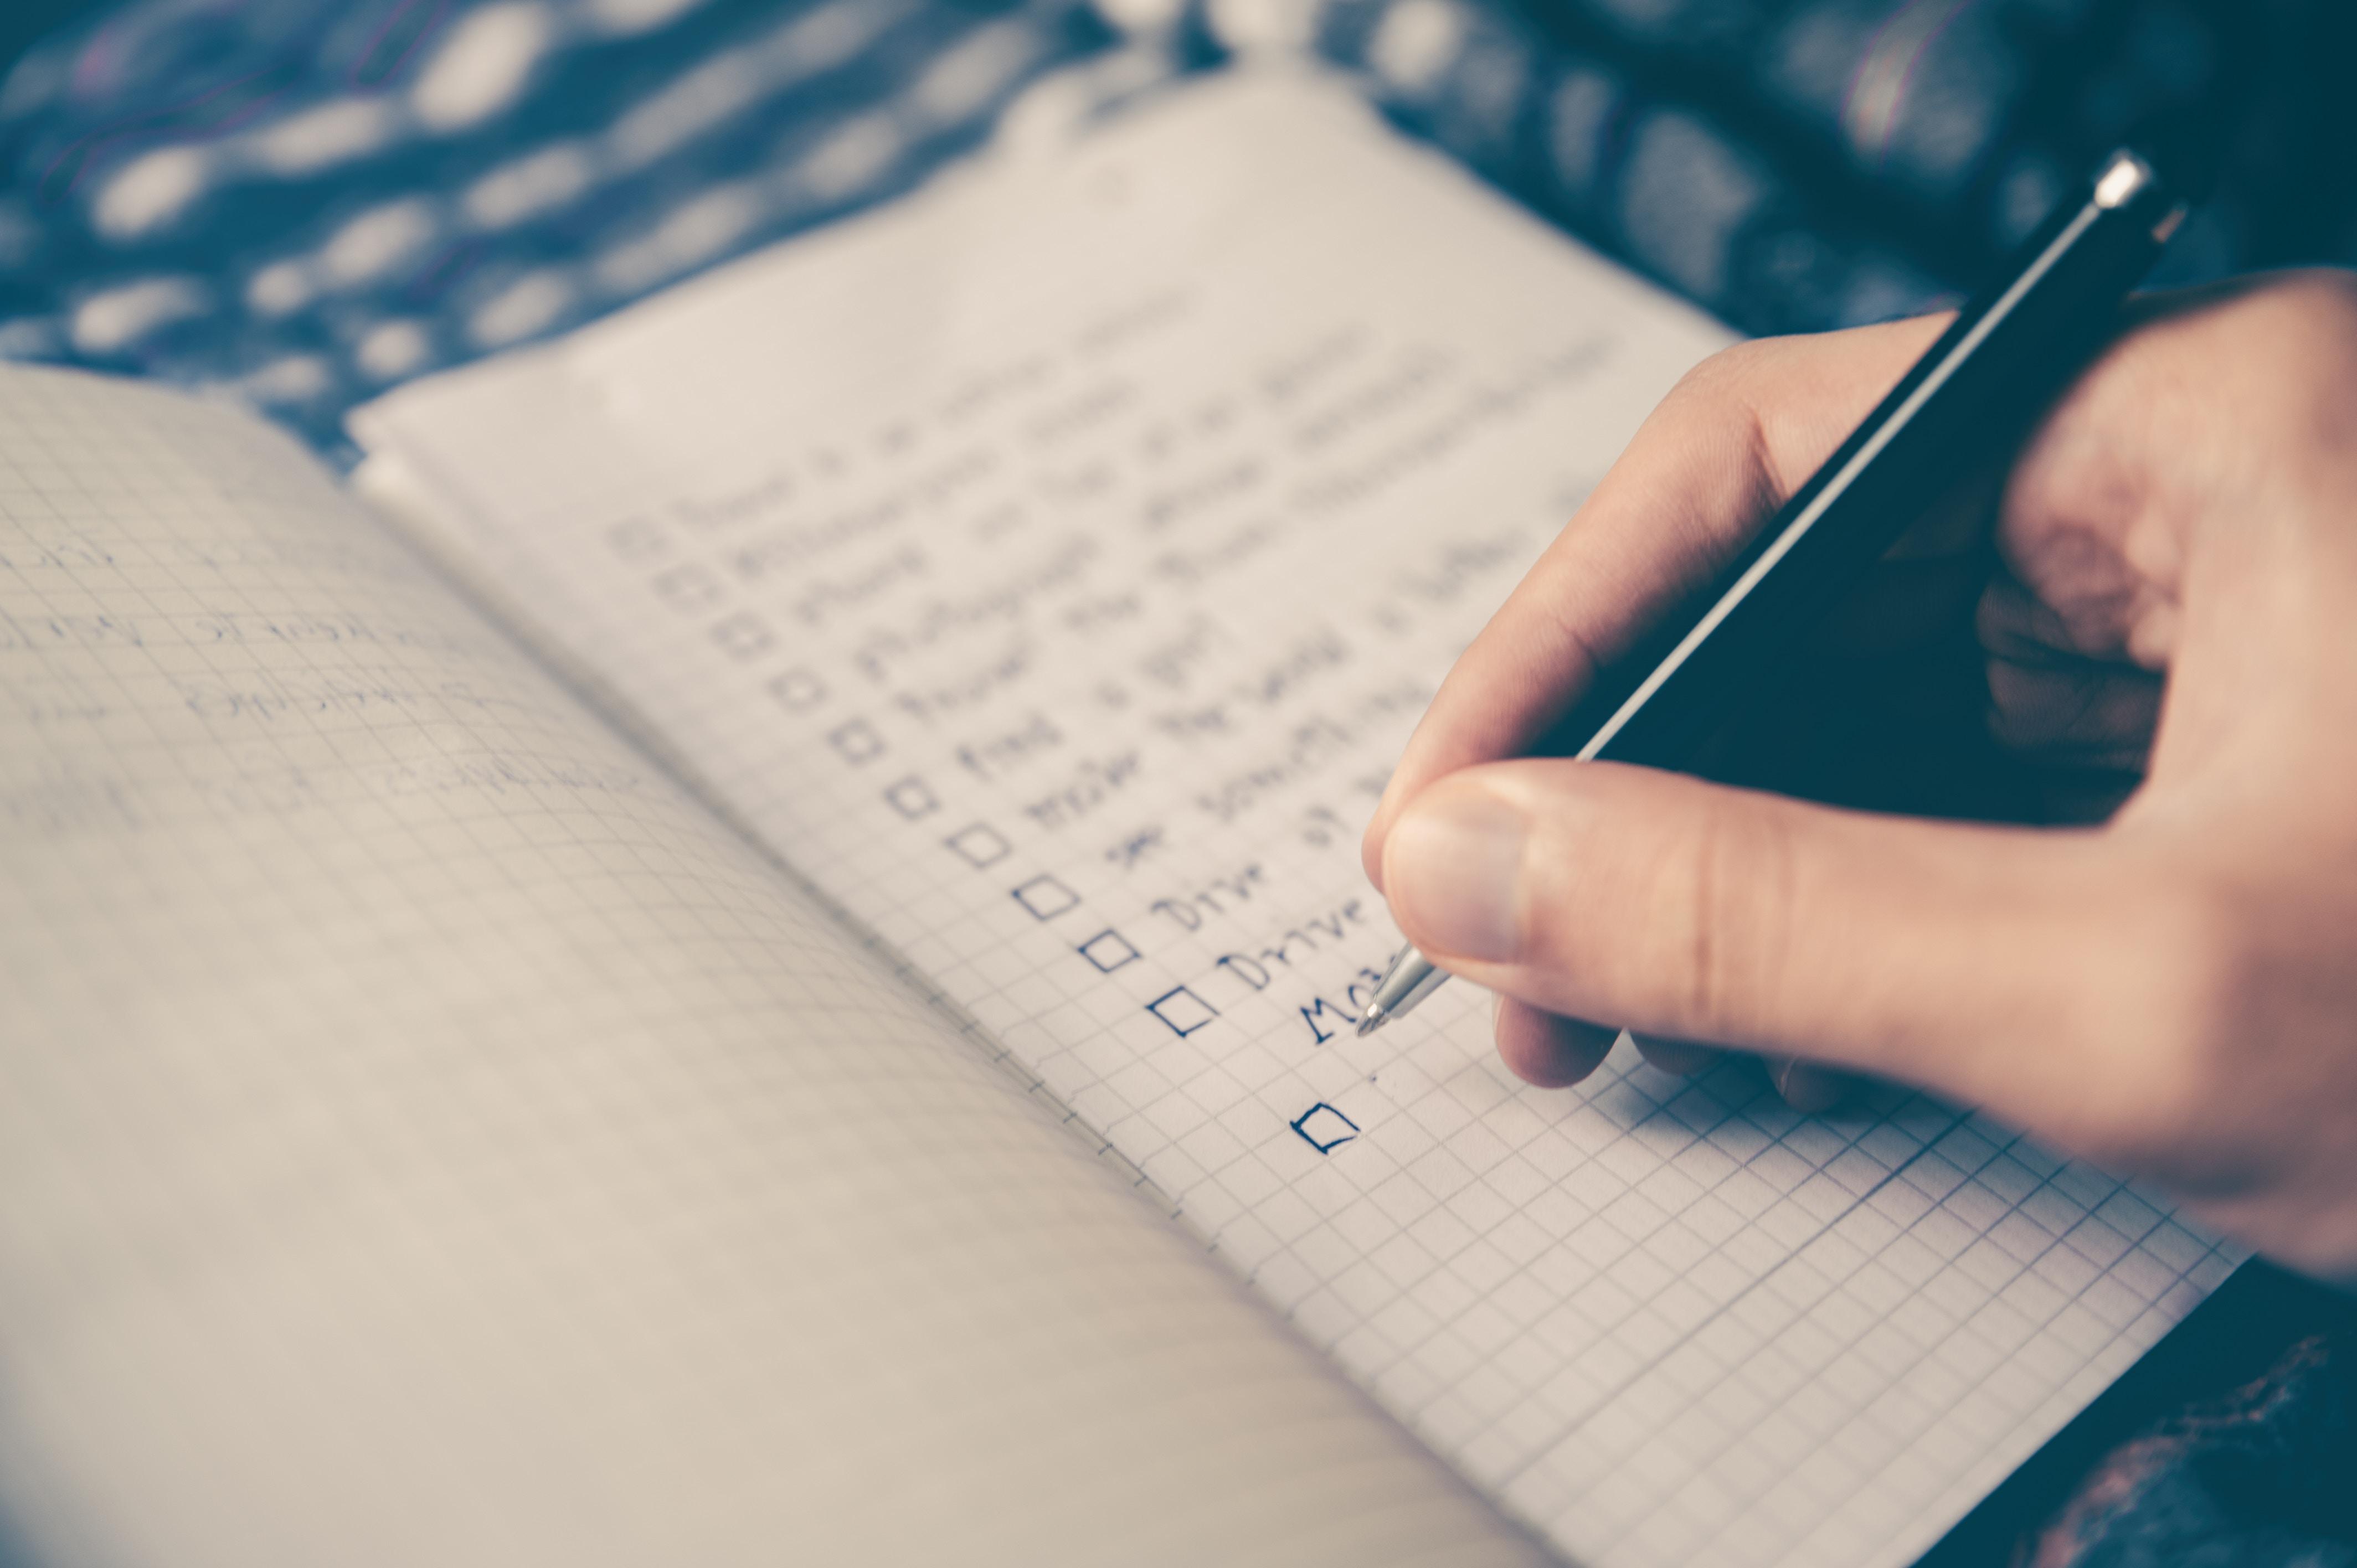 Recital Checklist